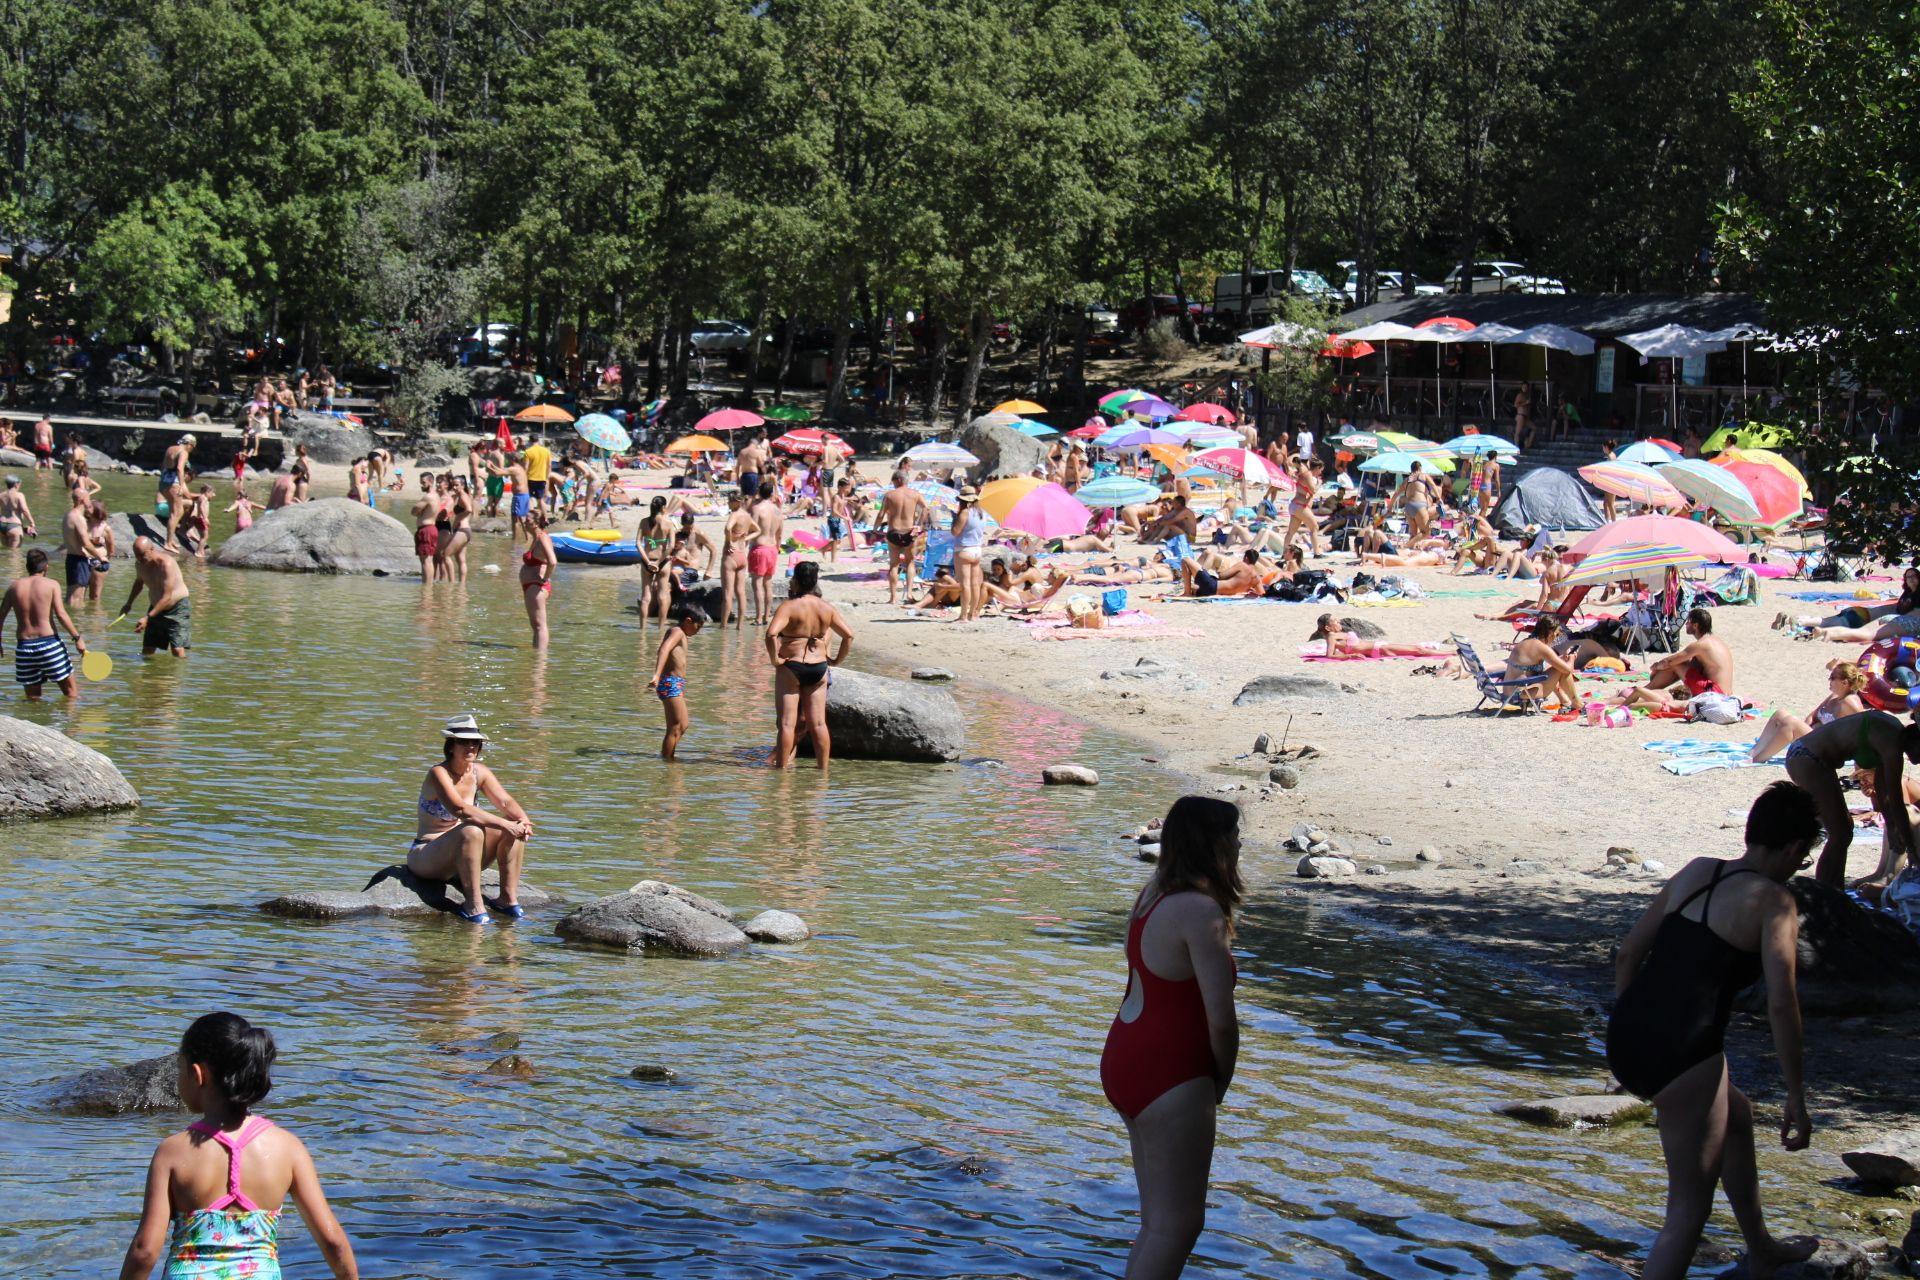 La ola de calor llena las playas del Lago de Sanabria